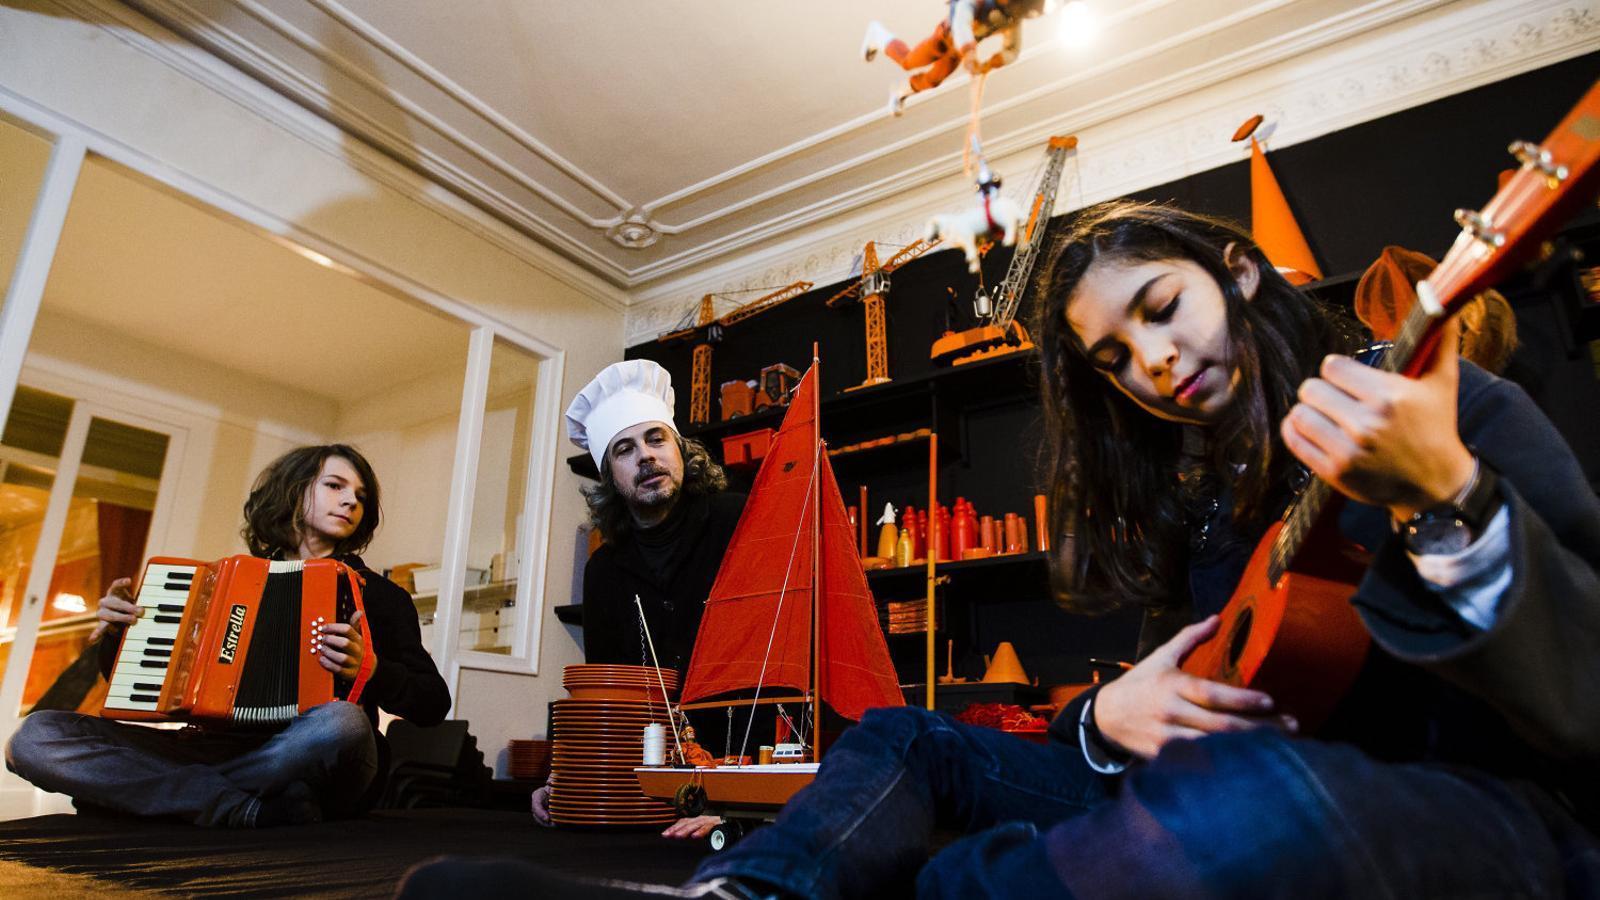 Actors en miniatura  Per a un sopar escènic oníric i ple de poesia